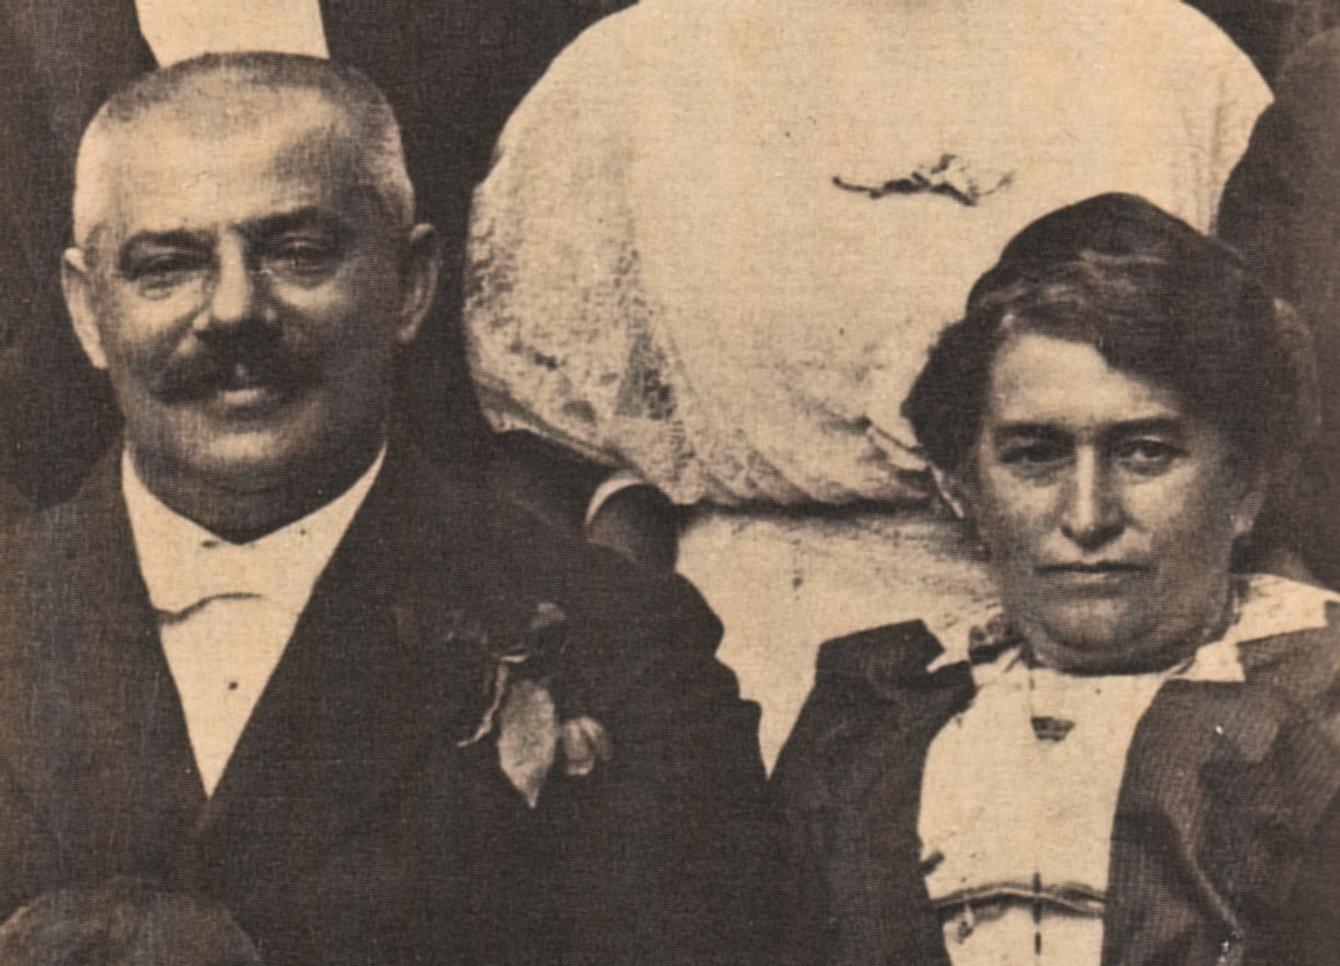 """ג'ולי והרמן קפקא היו יהודים בורגנים טיפוסיים לתקופתם בפראג. ג'ולי — בתו של בעל מבשלת בירה מצליח — גדלה בבית אמיד וזכתה להשכלה טובה מזו של הרמן. בספר 'מכתב לאב' תיאר עצמו פרנץ כ""""בן משפחת לוי עם שמץ של משקע קפקאי"""""""